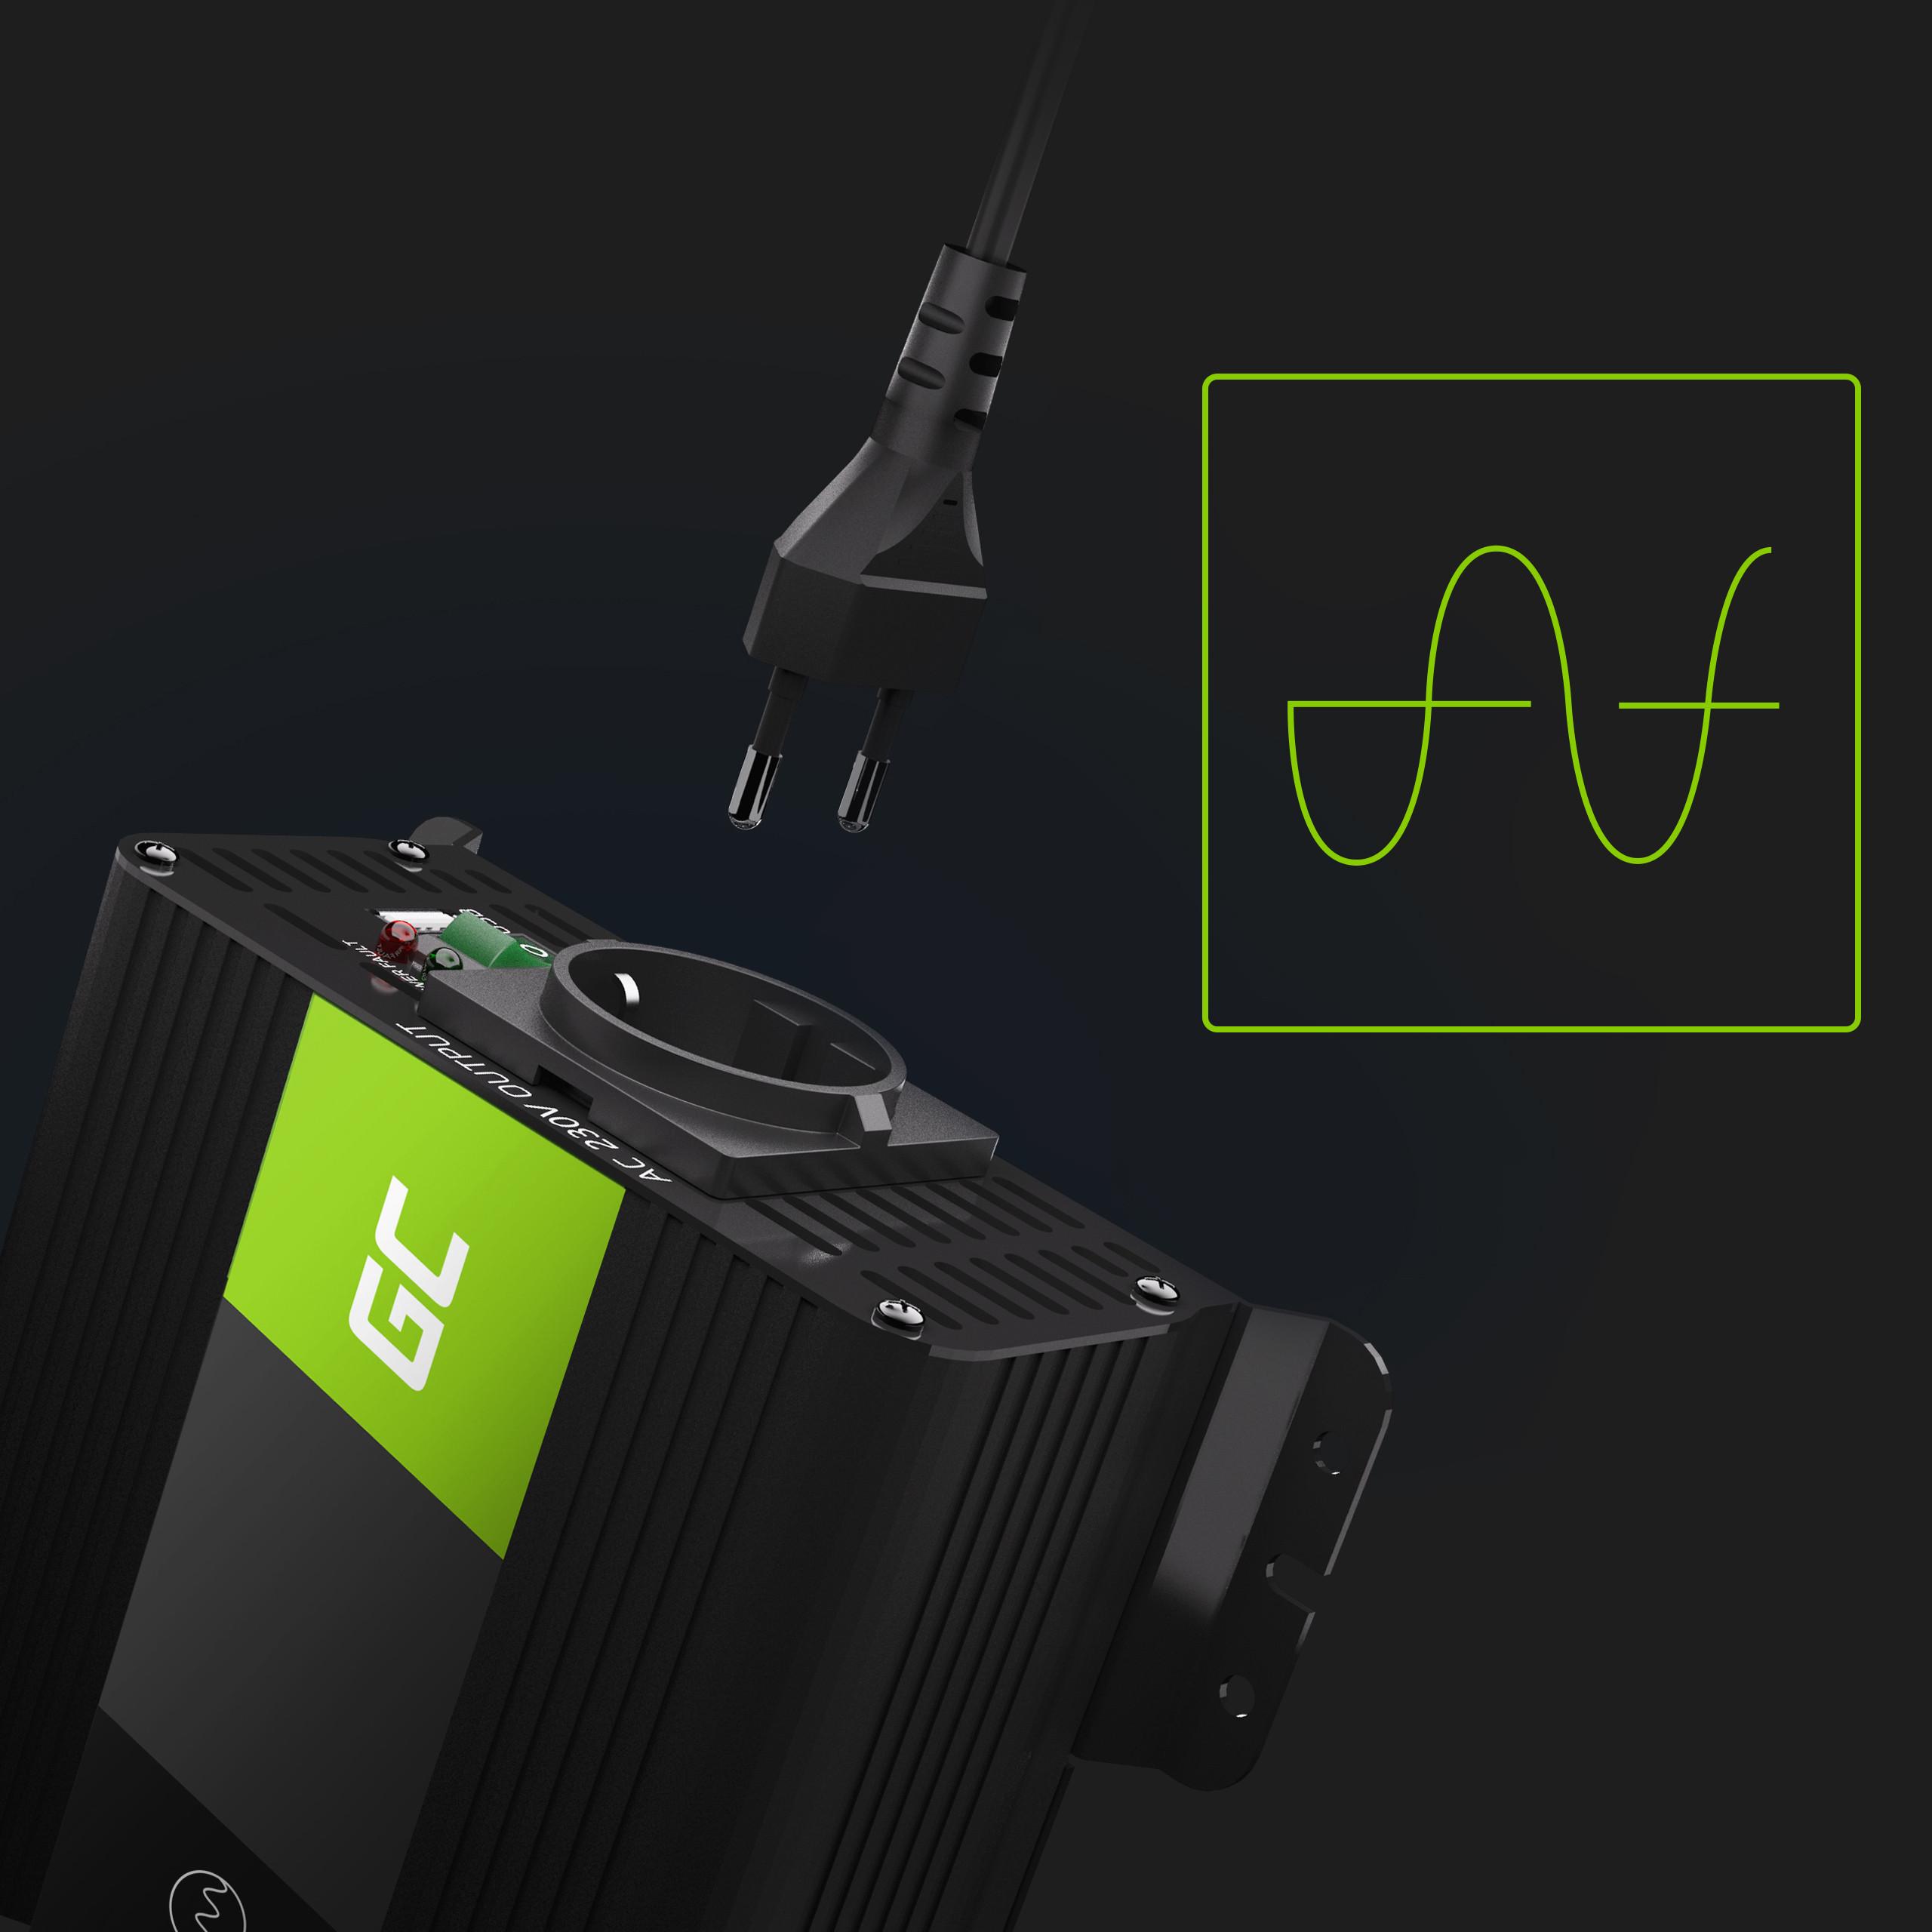 Auto měnič napětí z 12V na 230V, 300W/600W - čistý sinus